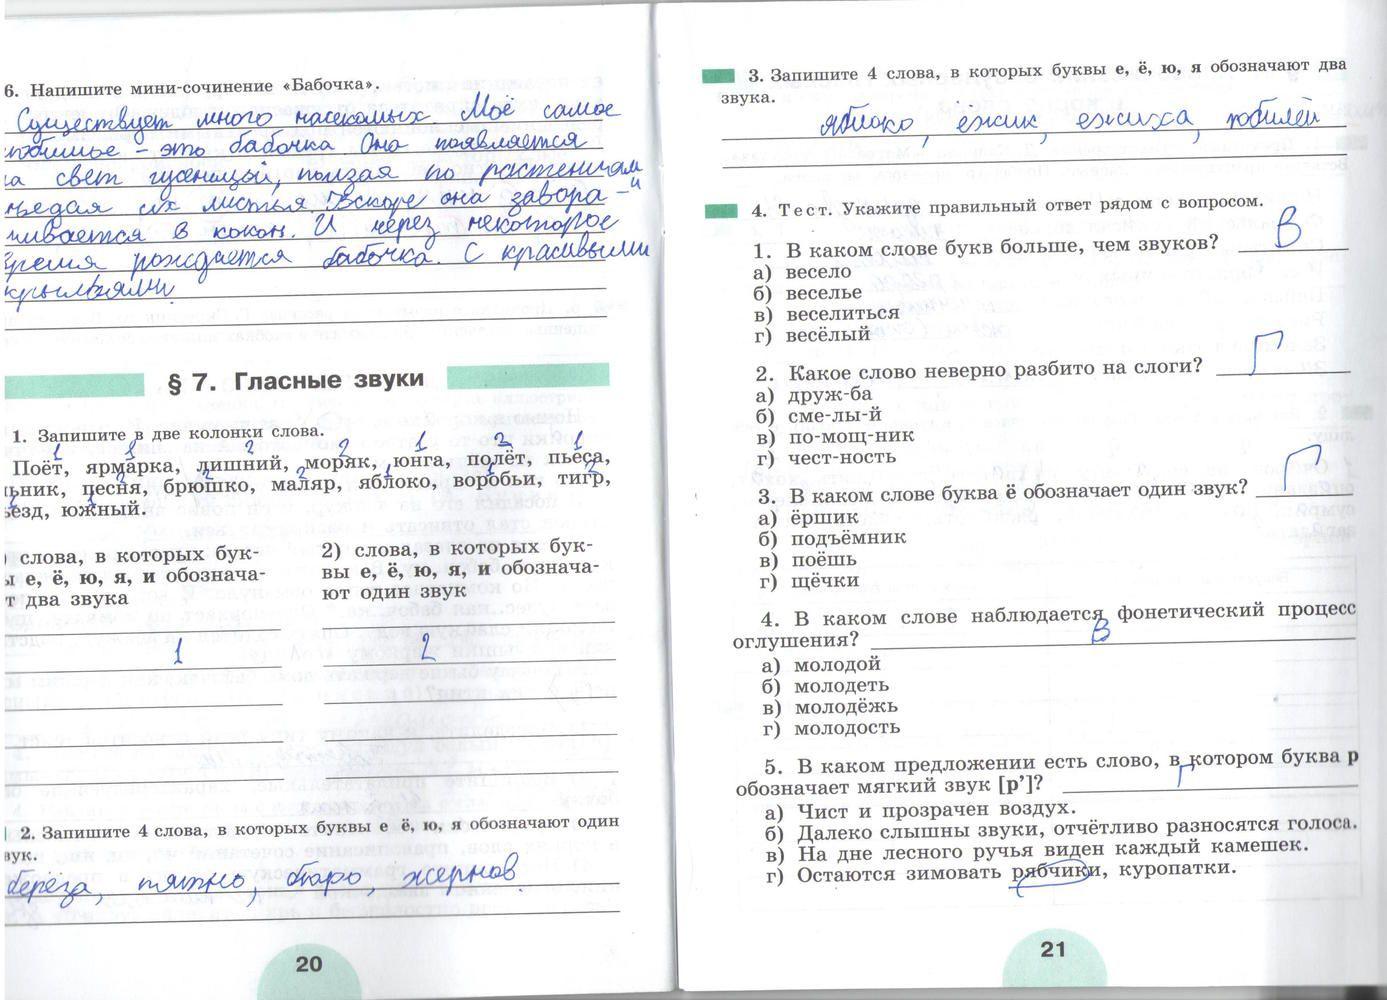 гдз по обществознанию 9 класс кравченко учебник ответы на вопросы